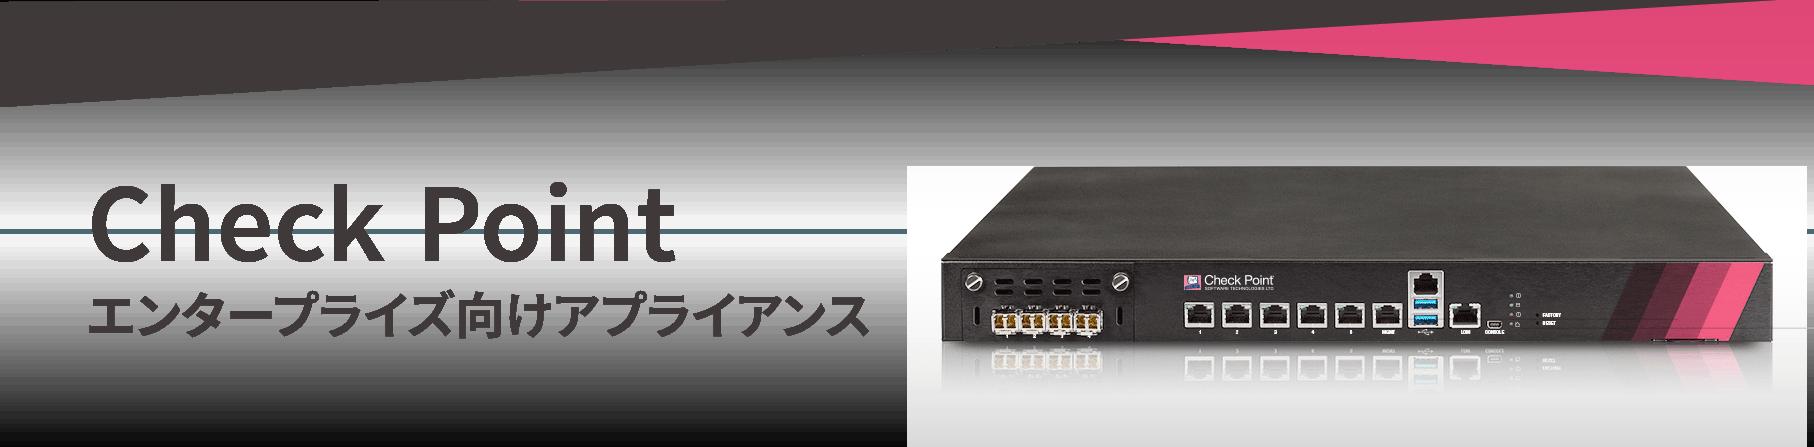 エンタープライズ向けネットワークセキュリティアプライアンス Check Point5000